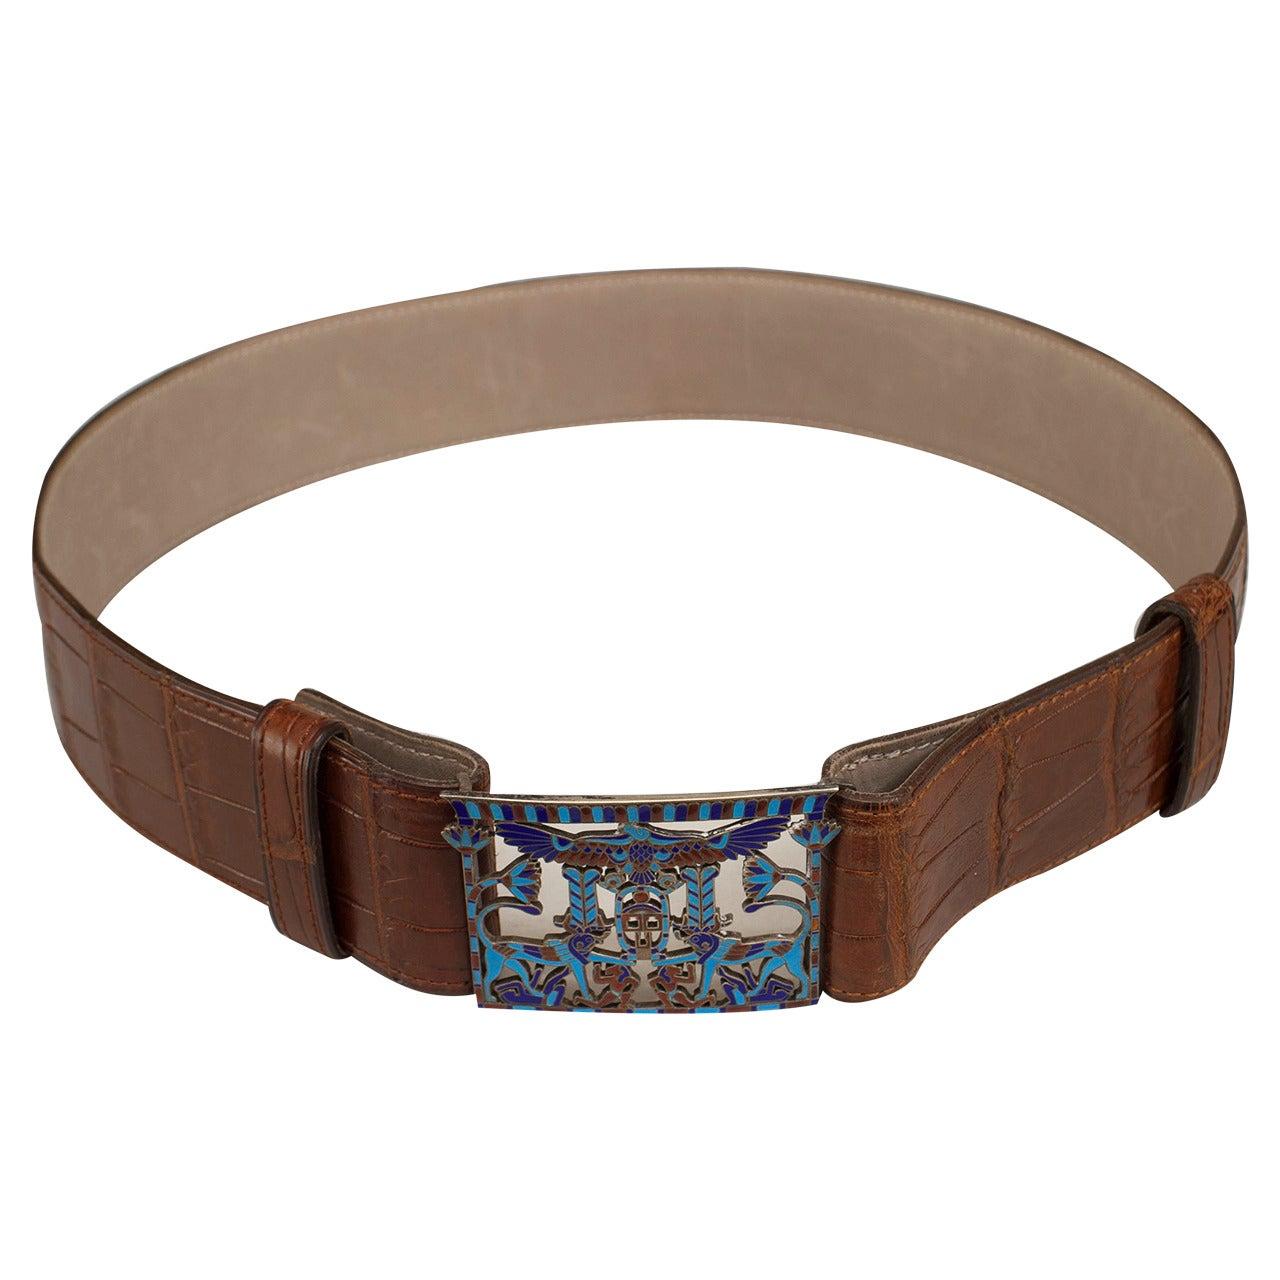 French Art Deco crocodile belt with an Egyptian themed cloisonné buckle.